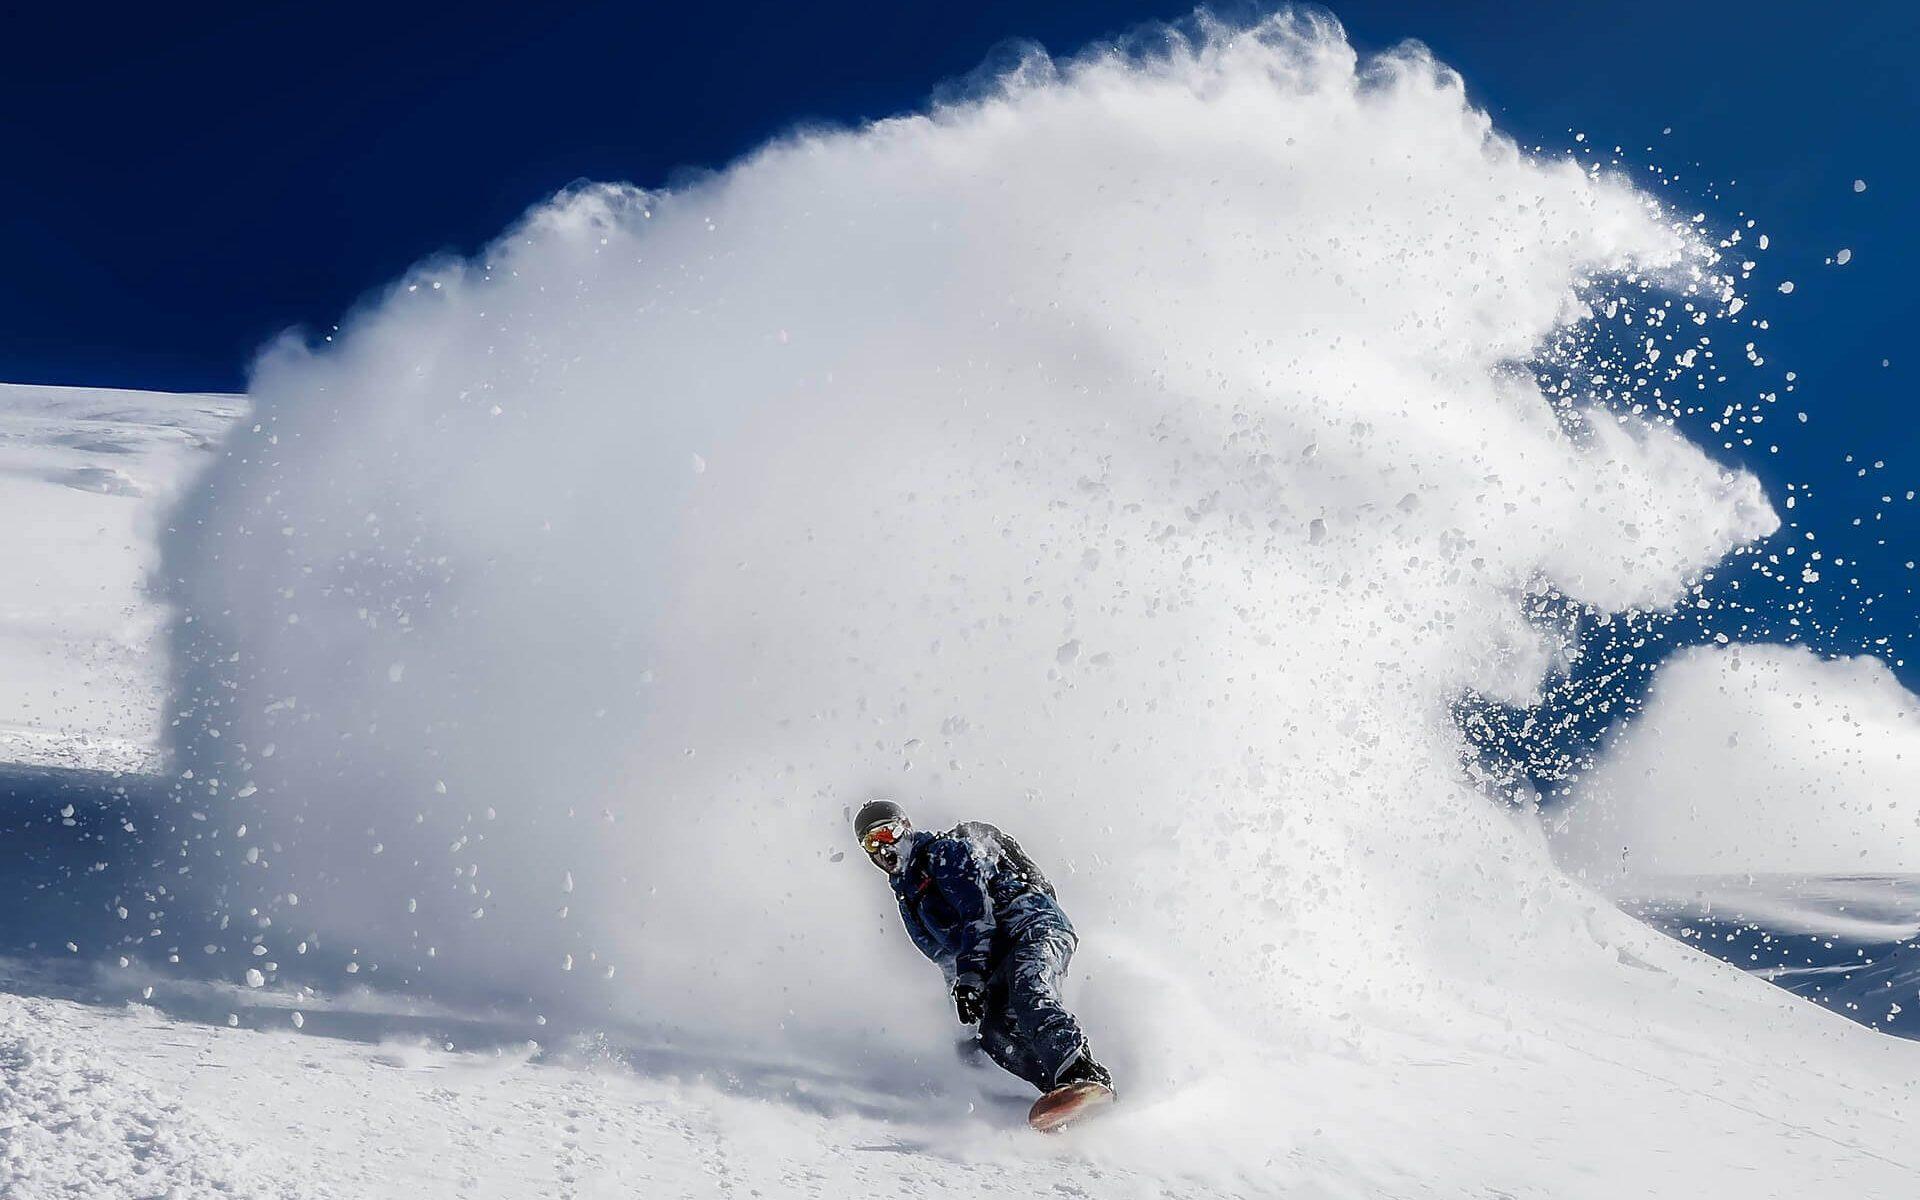 Pârtii în România – Care sunt cele mai bune variante pentru schi și snowboard?